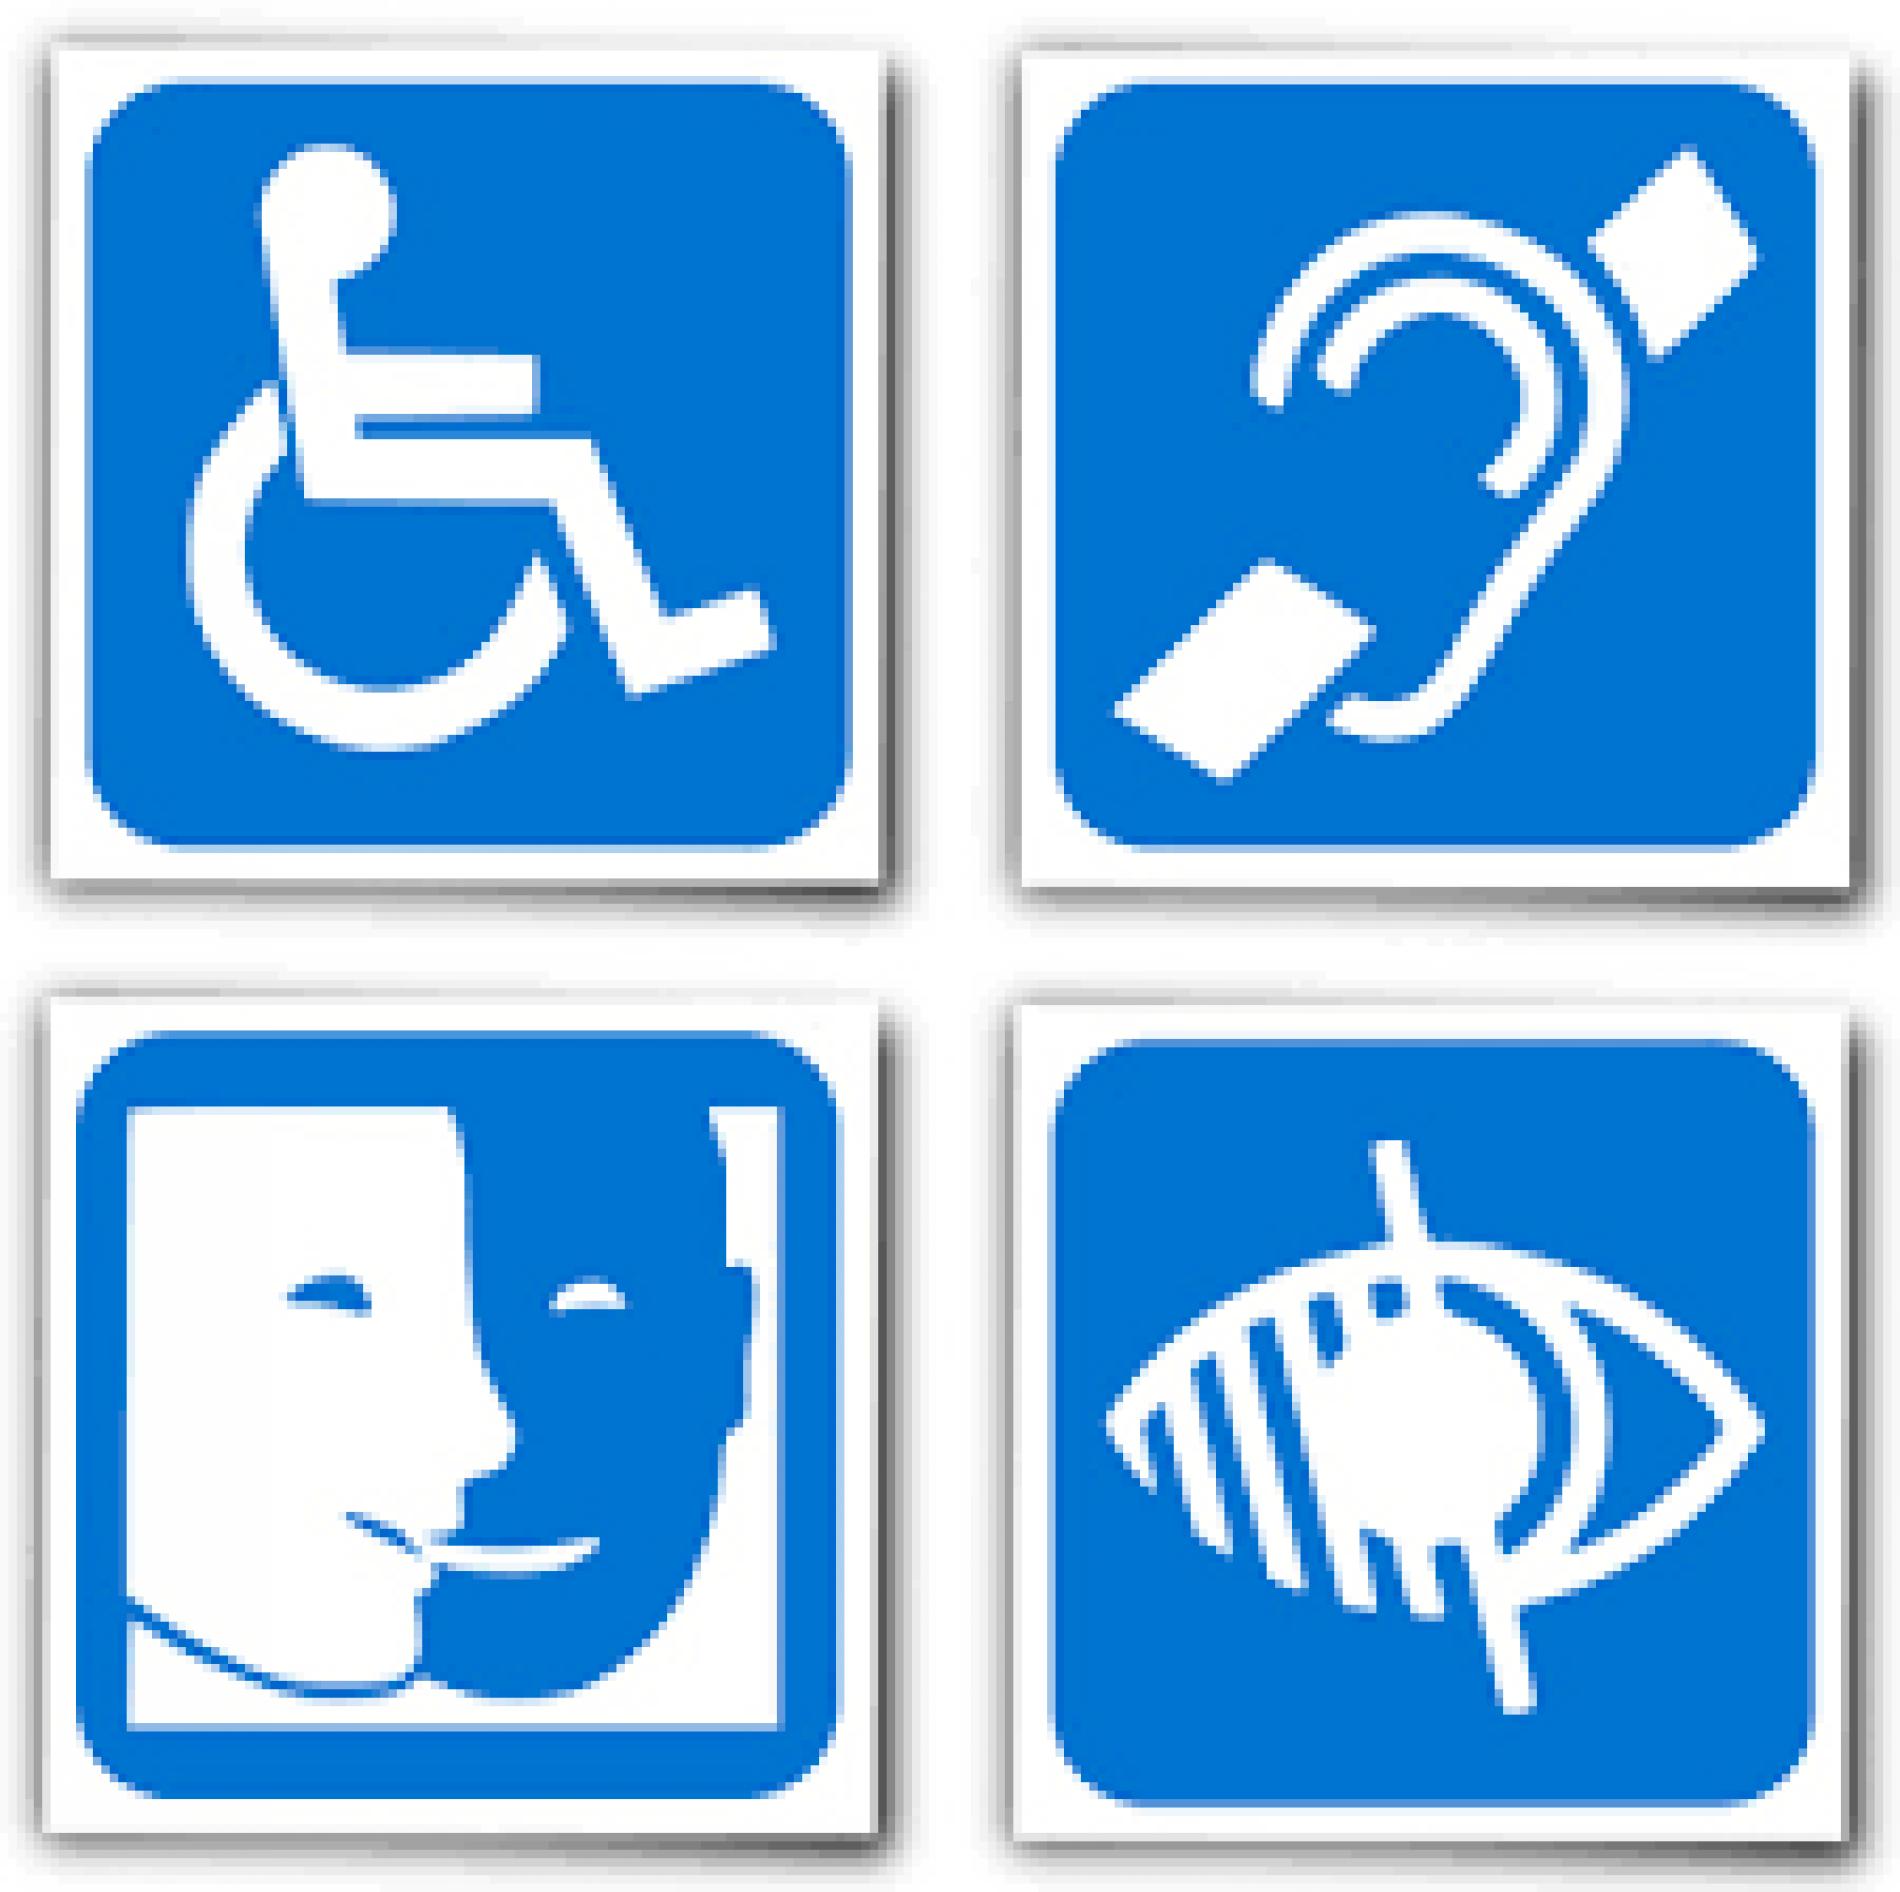 Possibilité d'accueil des personnes en situation de handicap